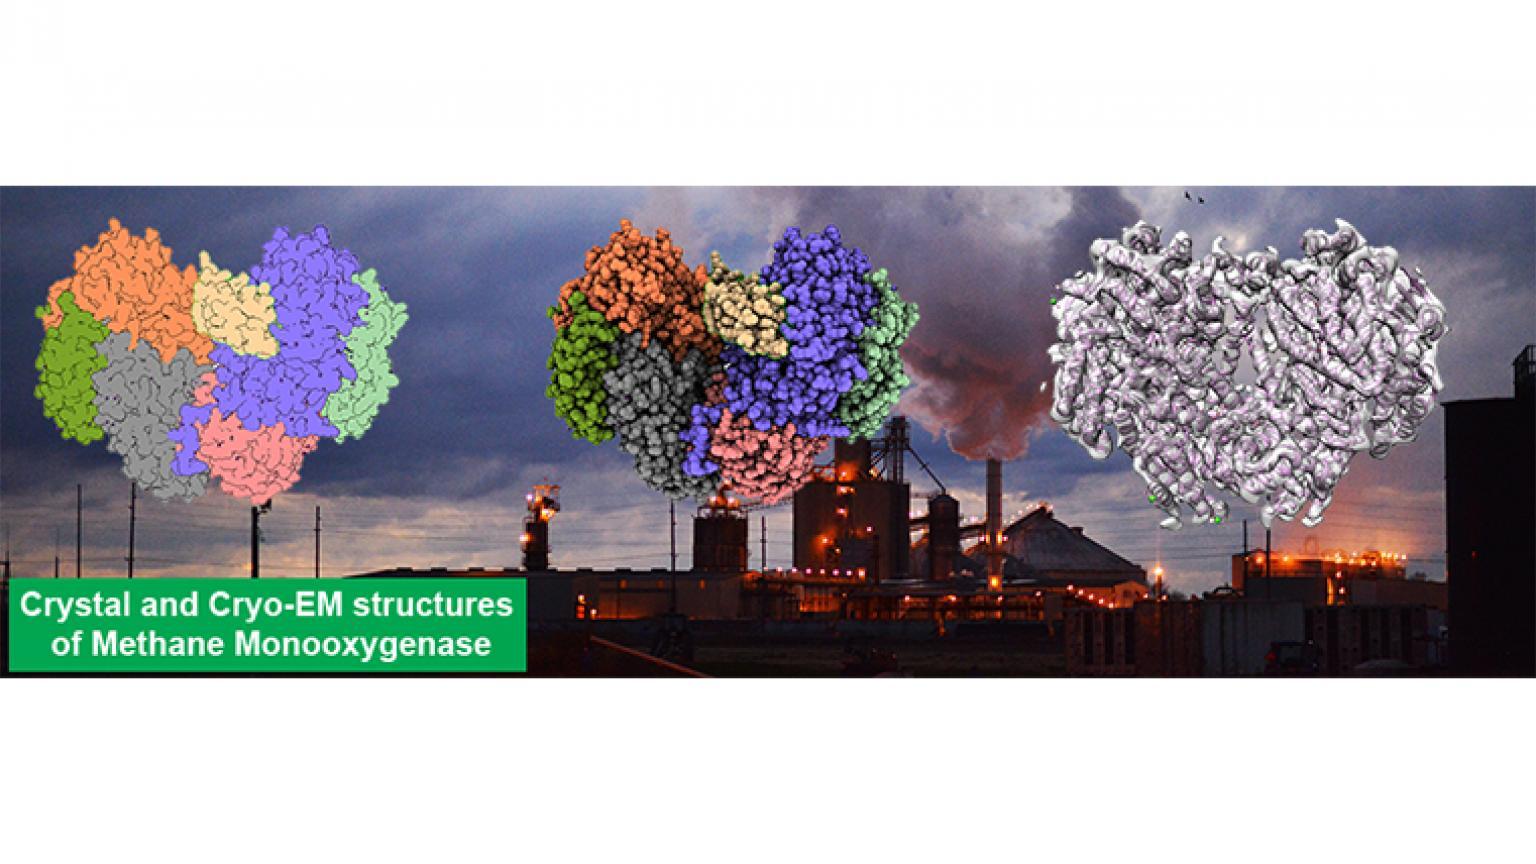 Methane Monooxygenase